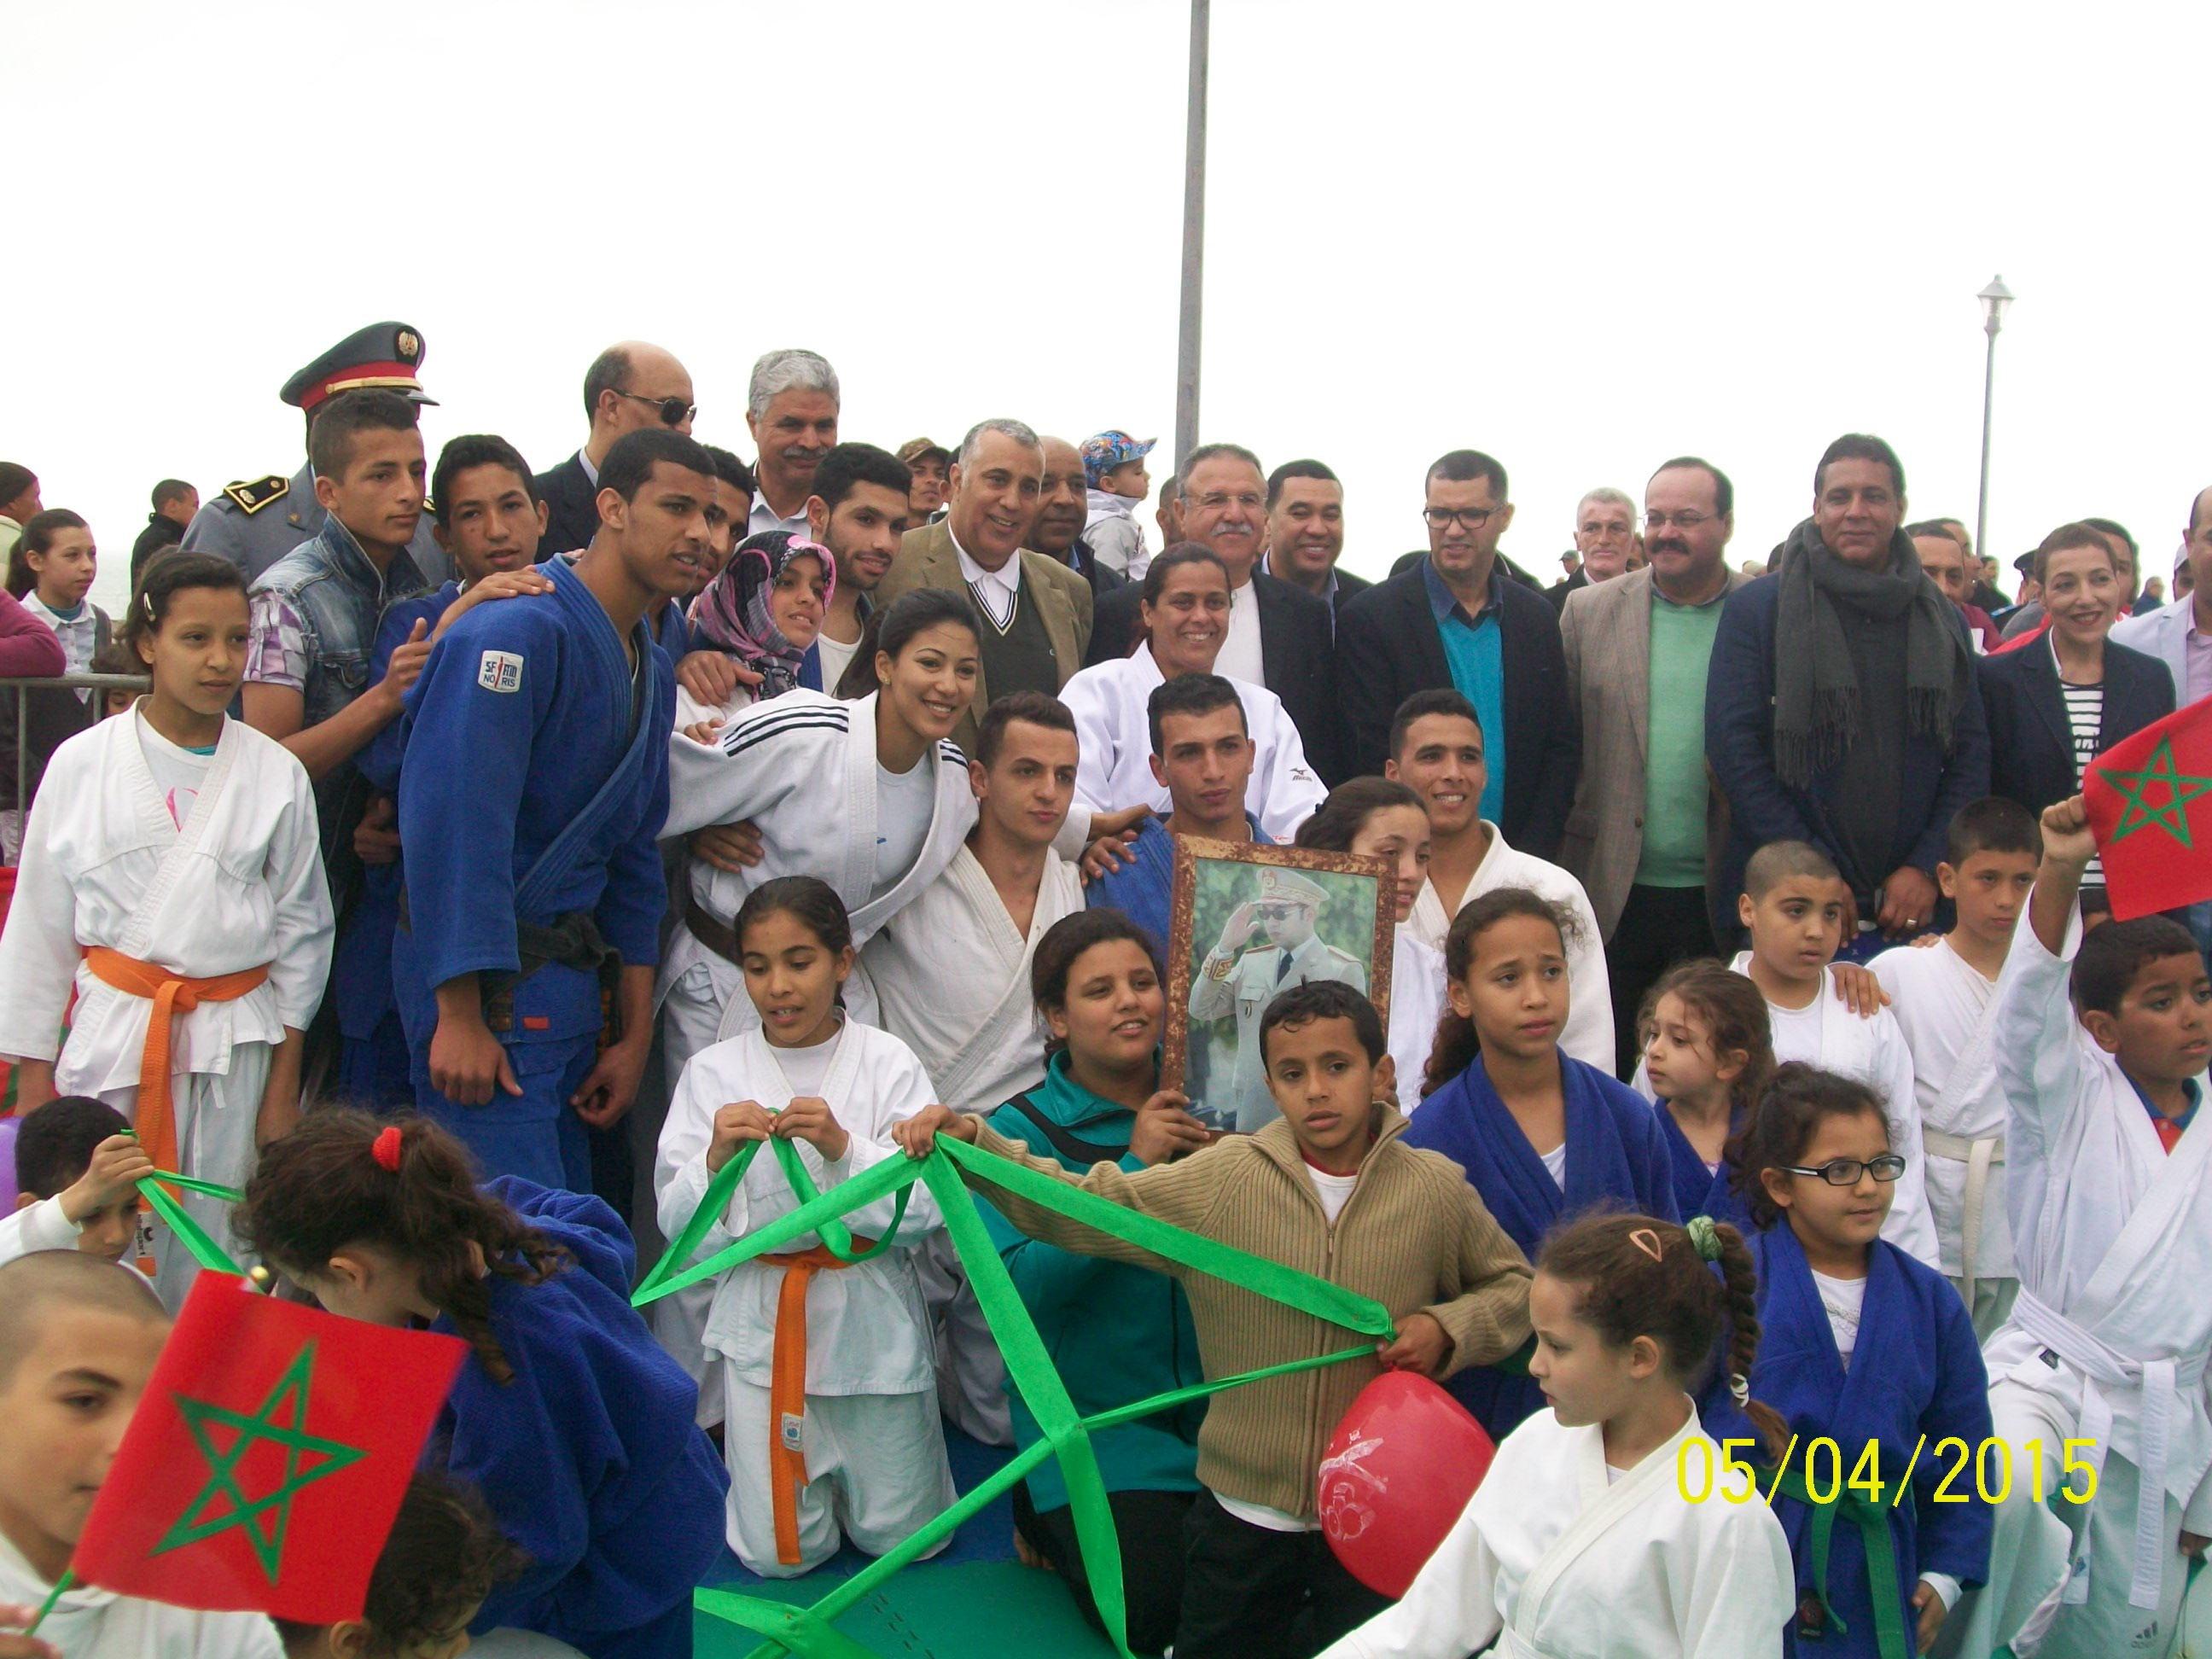 الجديدة :أنشطة رياضية مفتوحة بمناسبة اليوم العالمي للرياضة ( صور)